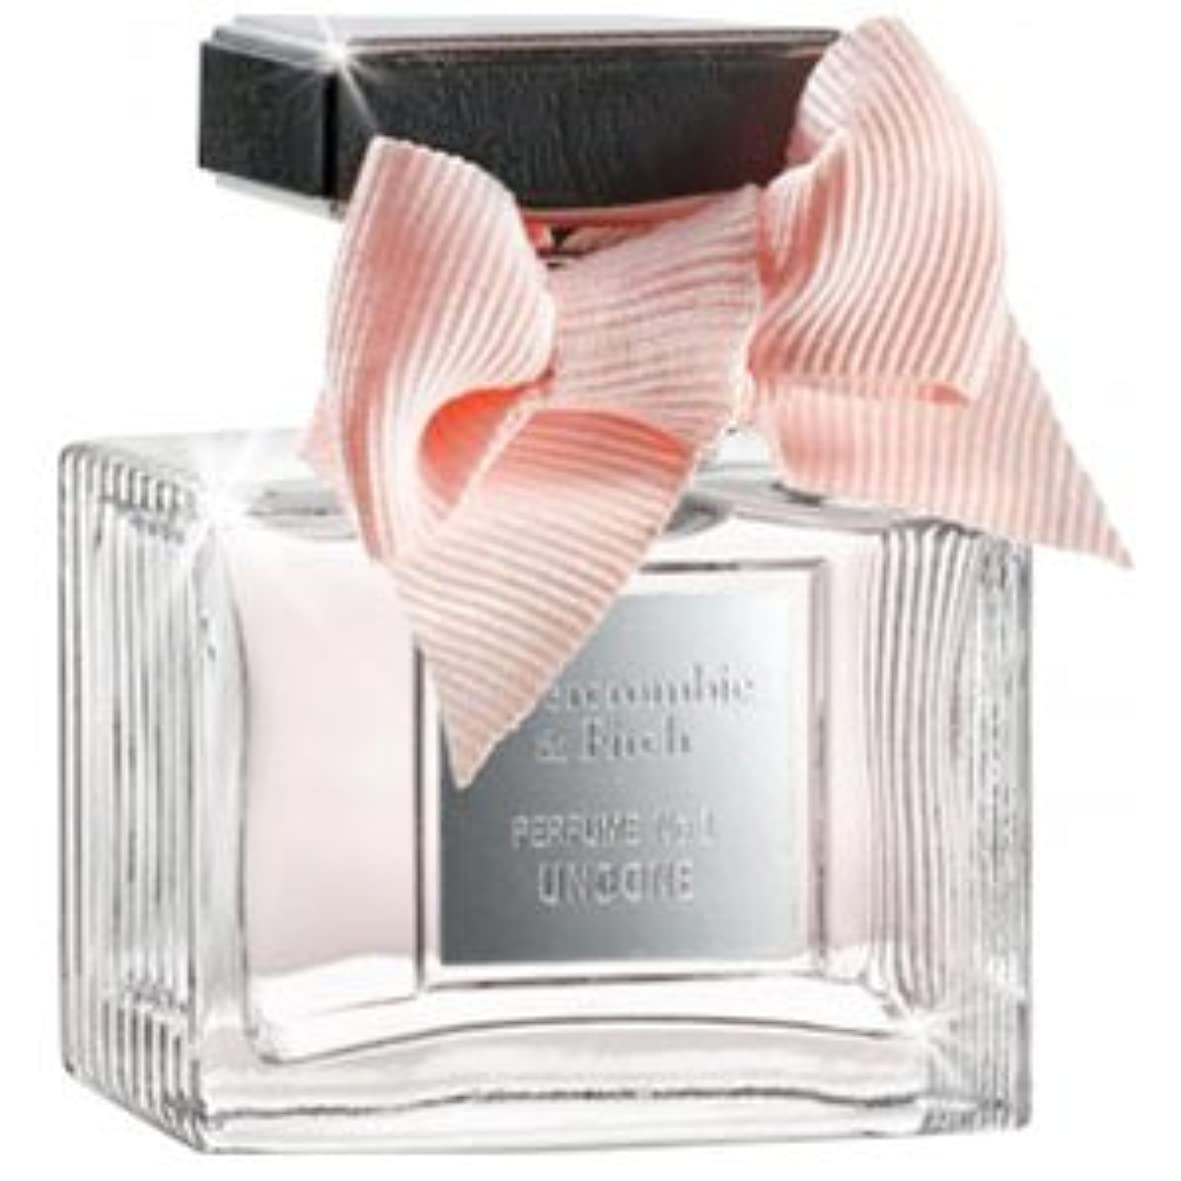 船形超高層ビルトラブルAbercrombie Perfume No.1 Undone (アバクロンベ フィッチ No.1 アンダン) 1.7 oz (50ml) EDTSpray for Women